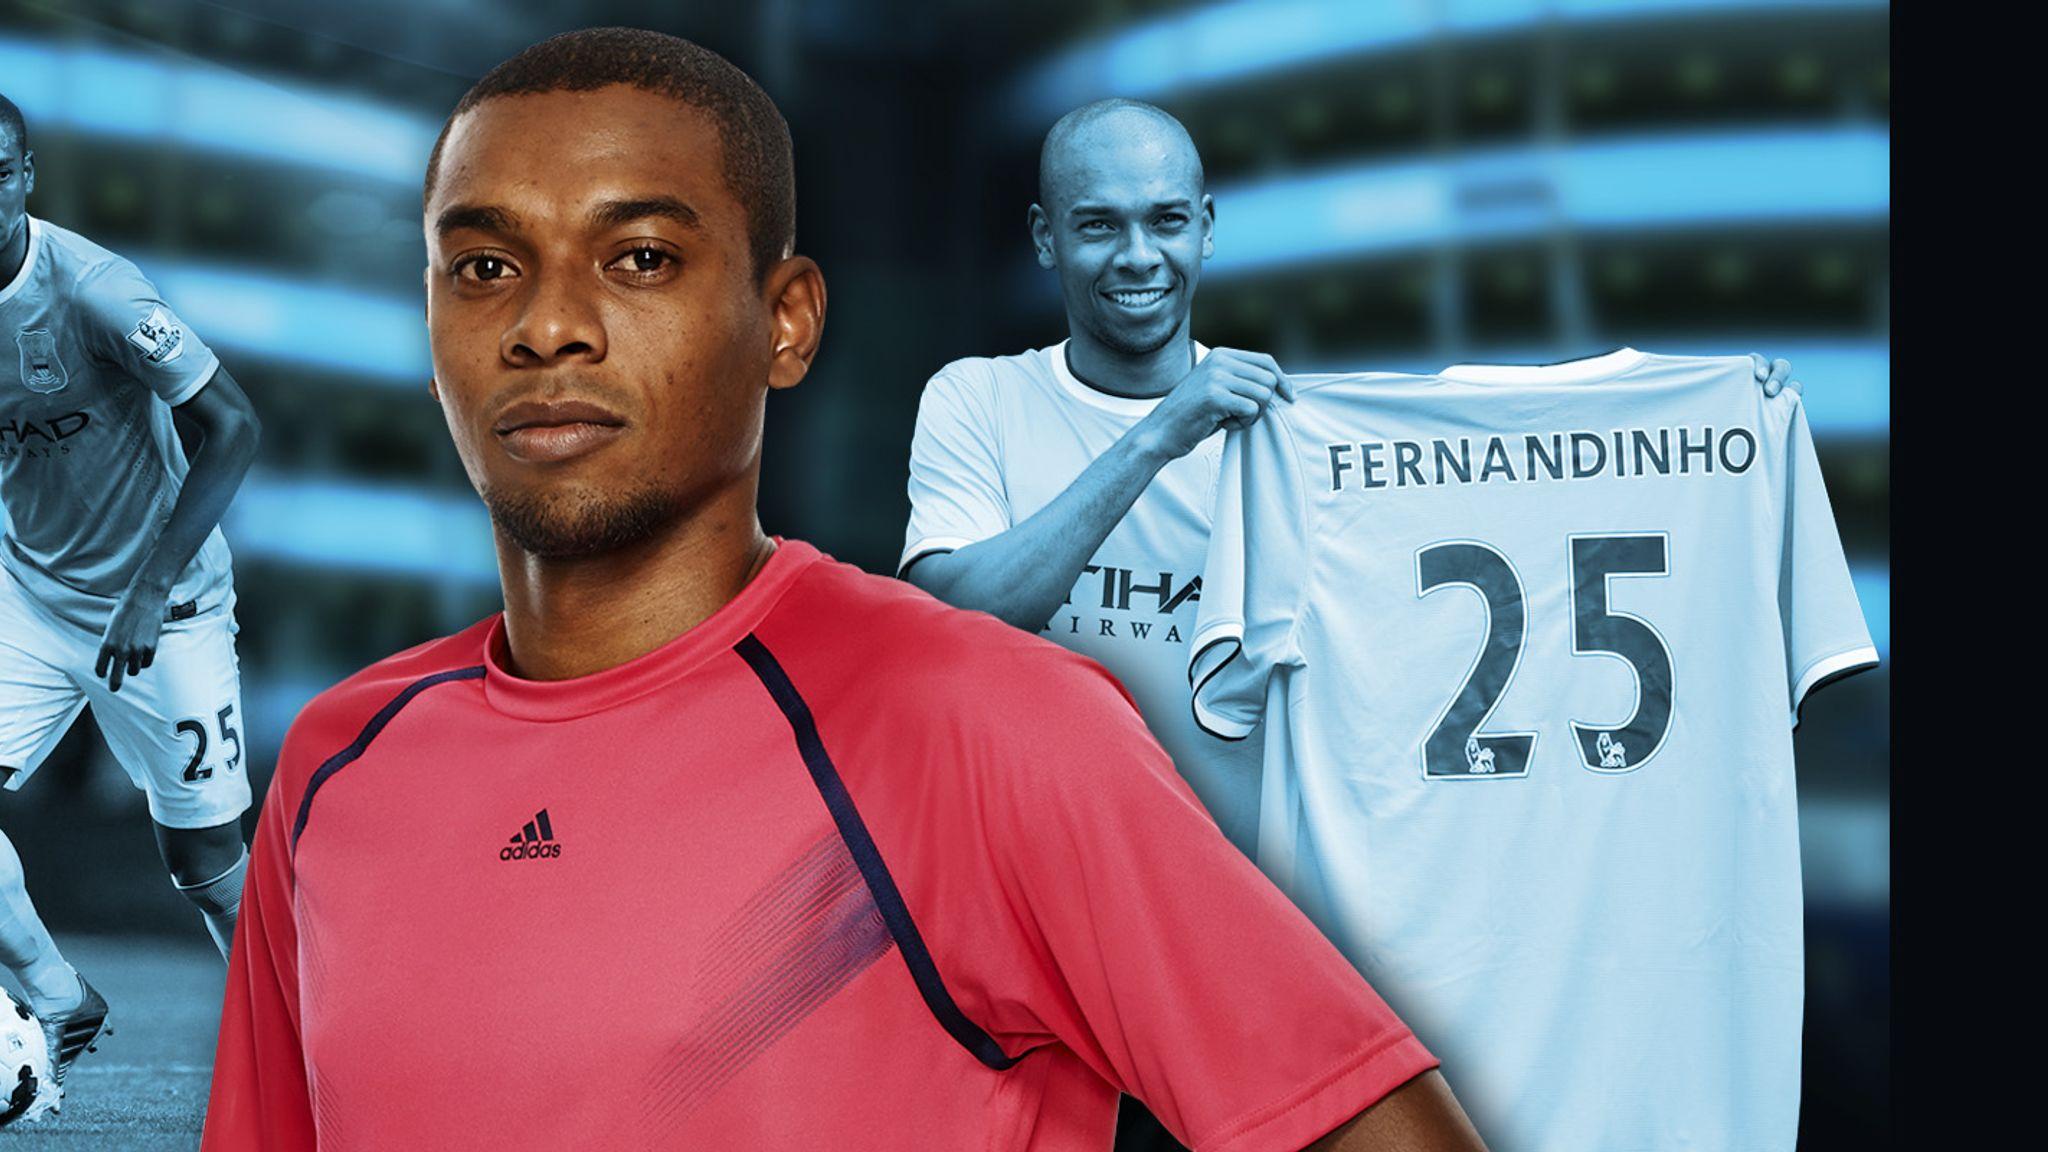 Fernandinho exclusive | Football News